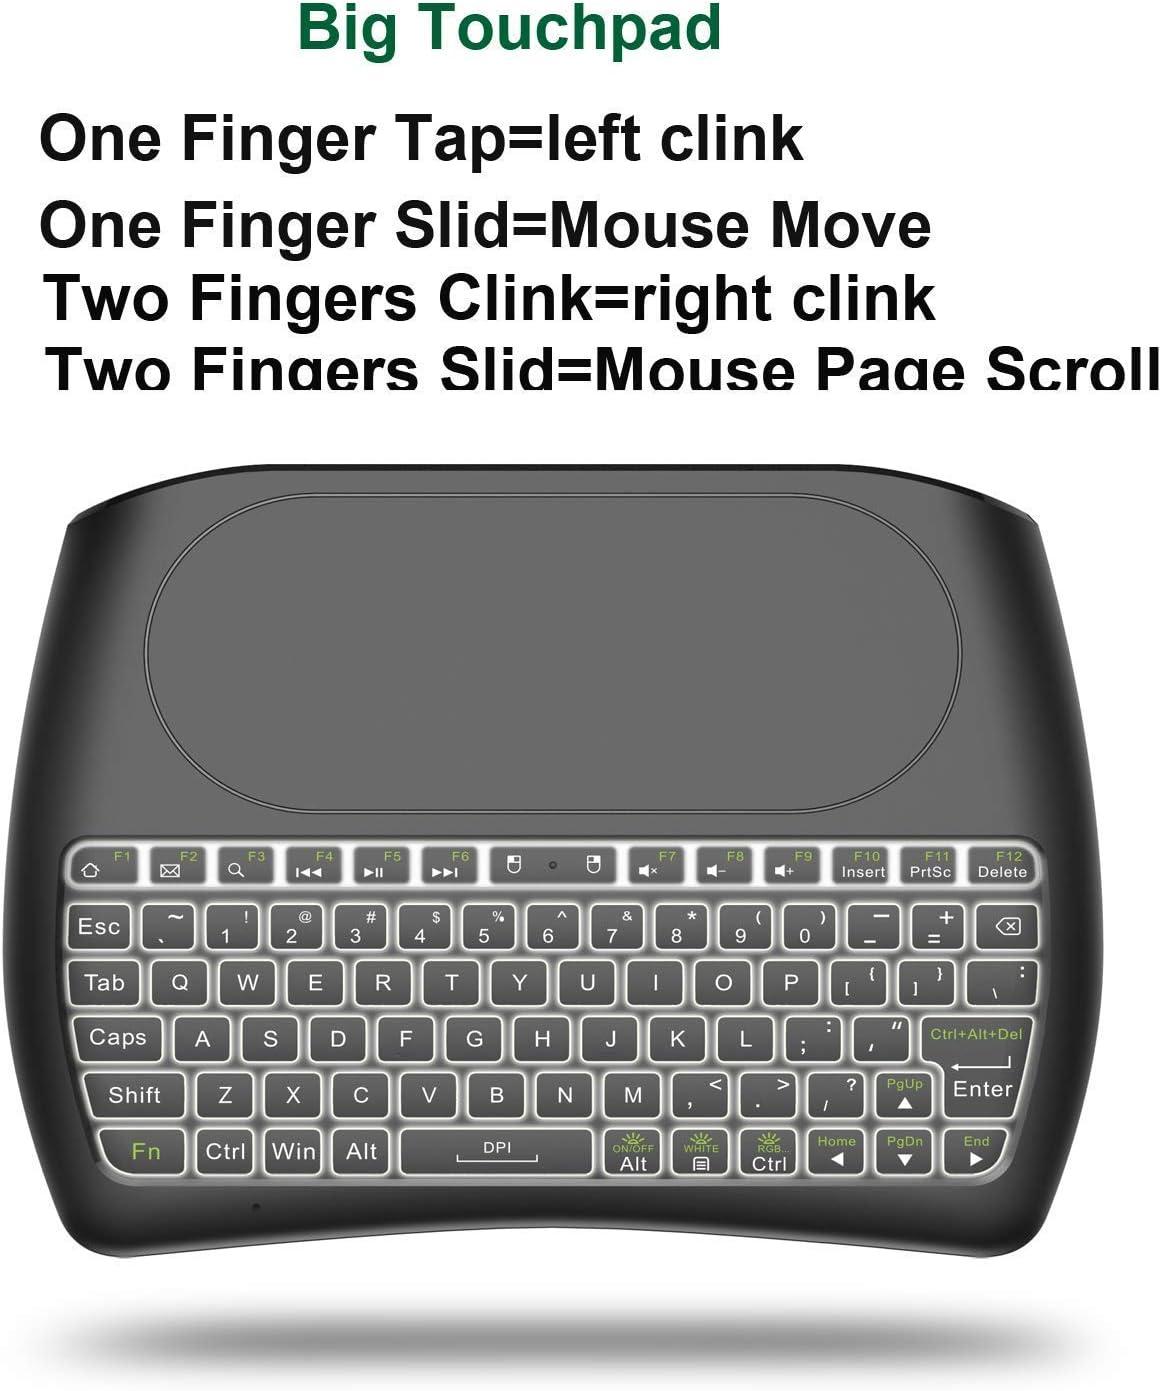 Teclado inalámbrico con Almohadilla táctil, 2.4GHz Mini Teclado Recargable Multimedia portátil de Mano para Android TV Box, HTPC, Smart TV, computadora portátil/PC(RGB retroiluminado): Amazon.es: Electrónica